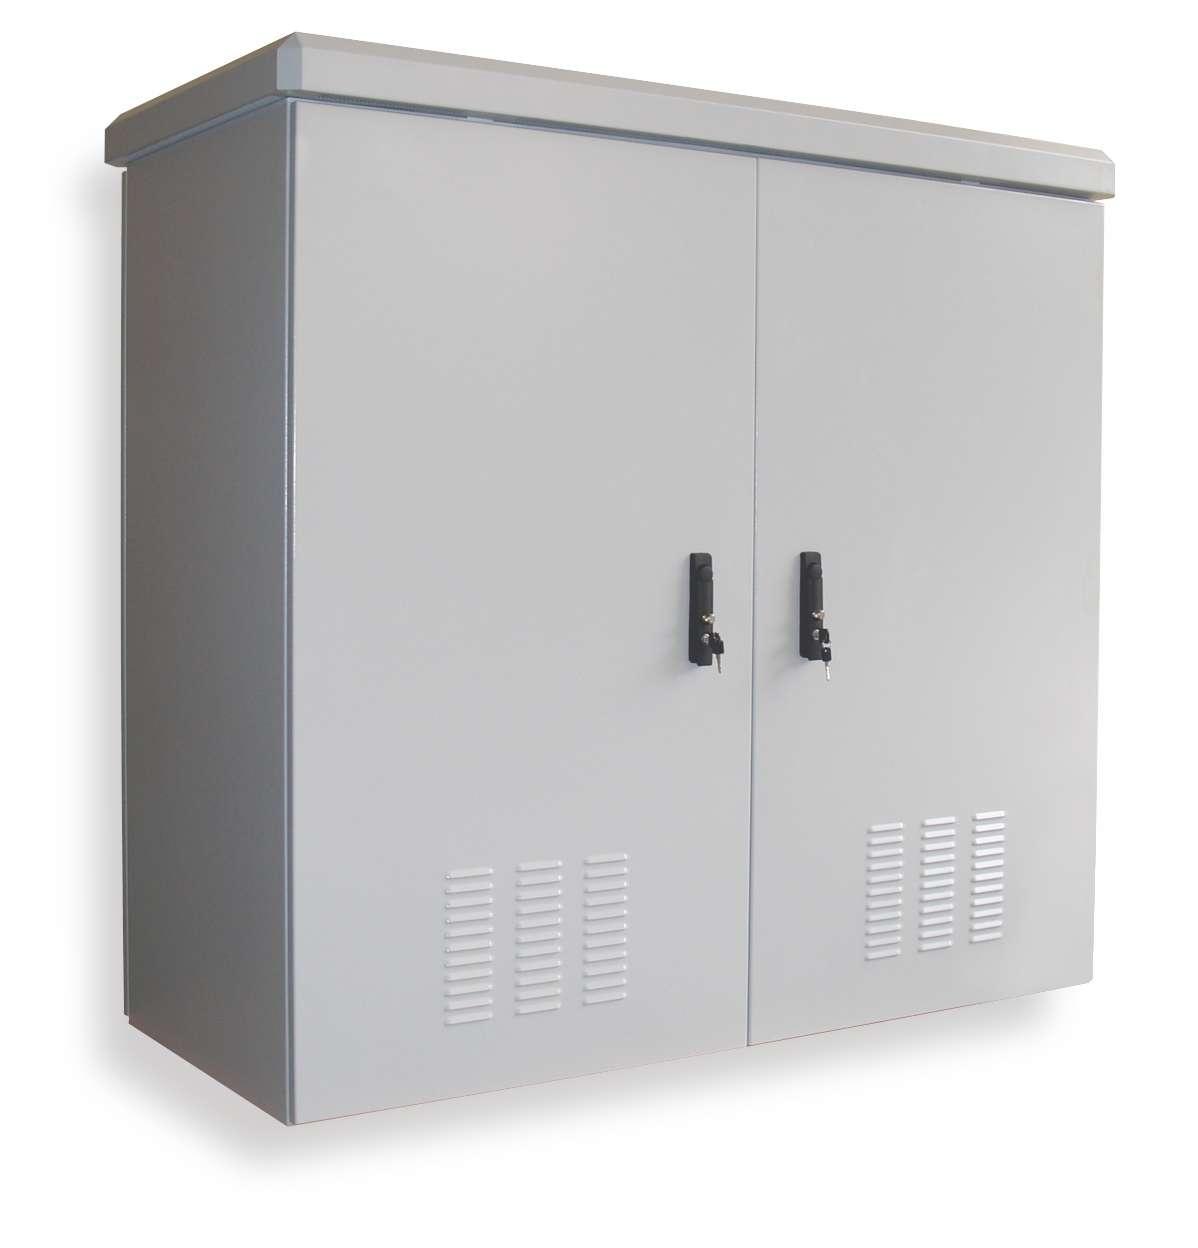 Outdoor Electric Steel Cabinet Waterproof Outdoor Tv